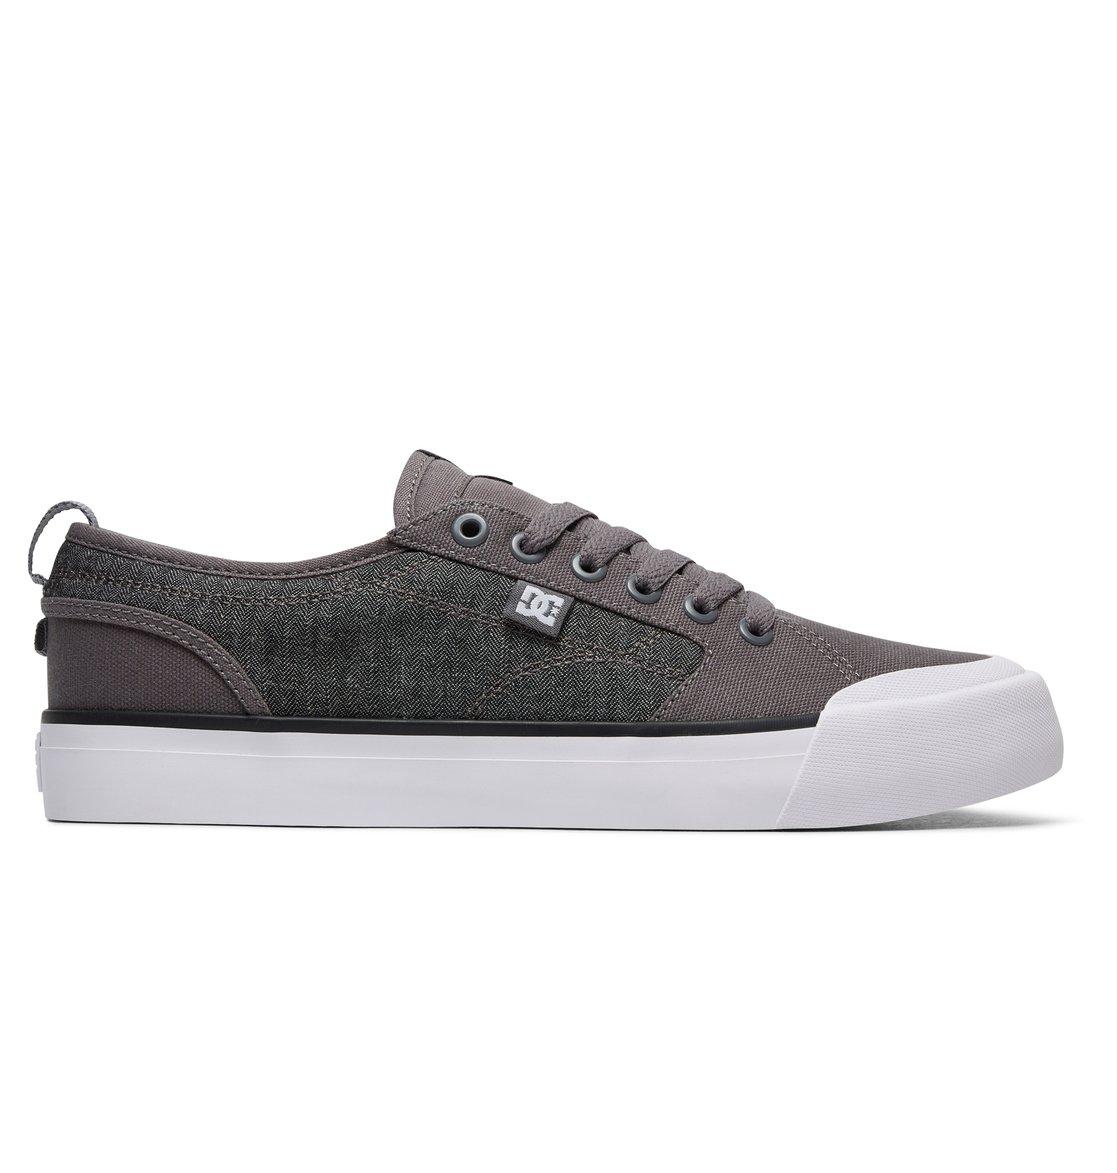 DC Shoes Evan Smith TX - Shoes - Zapatillas - Hombre - EU 46 gezik7udy